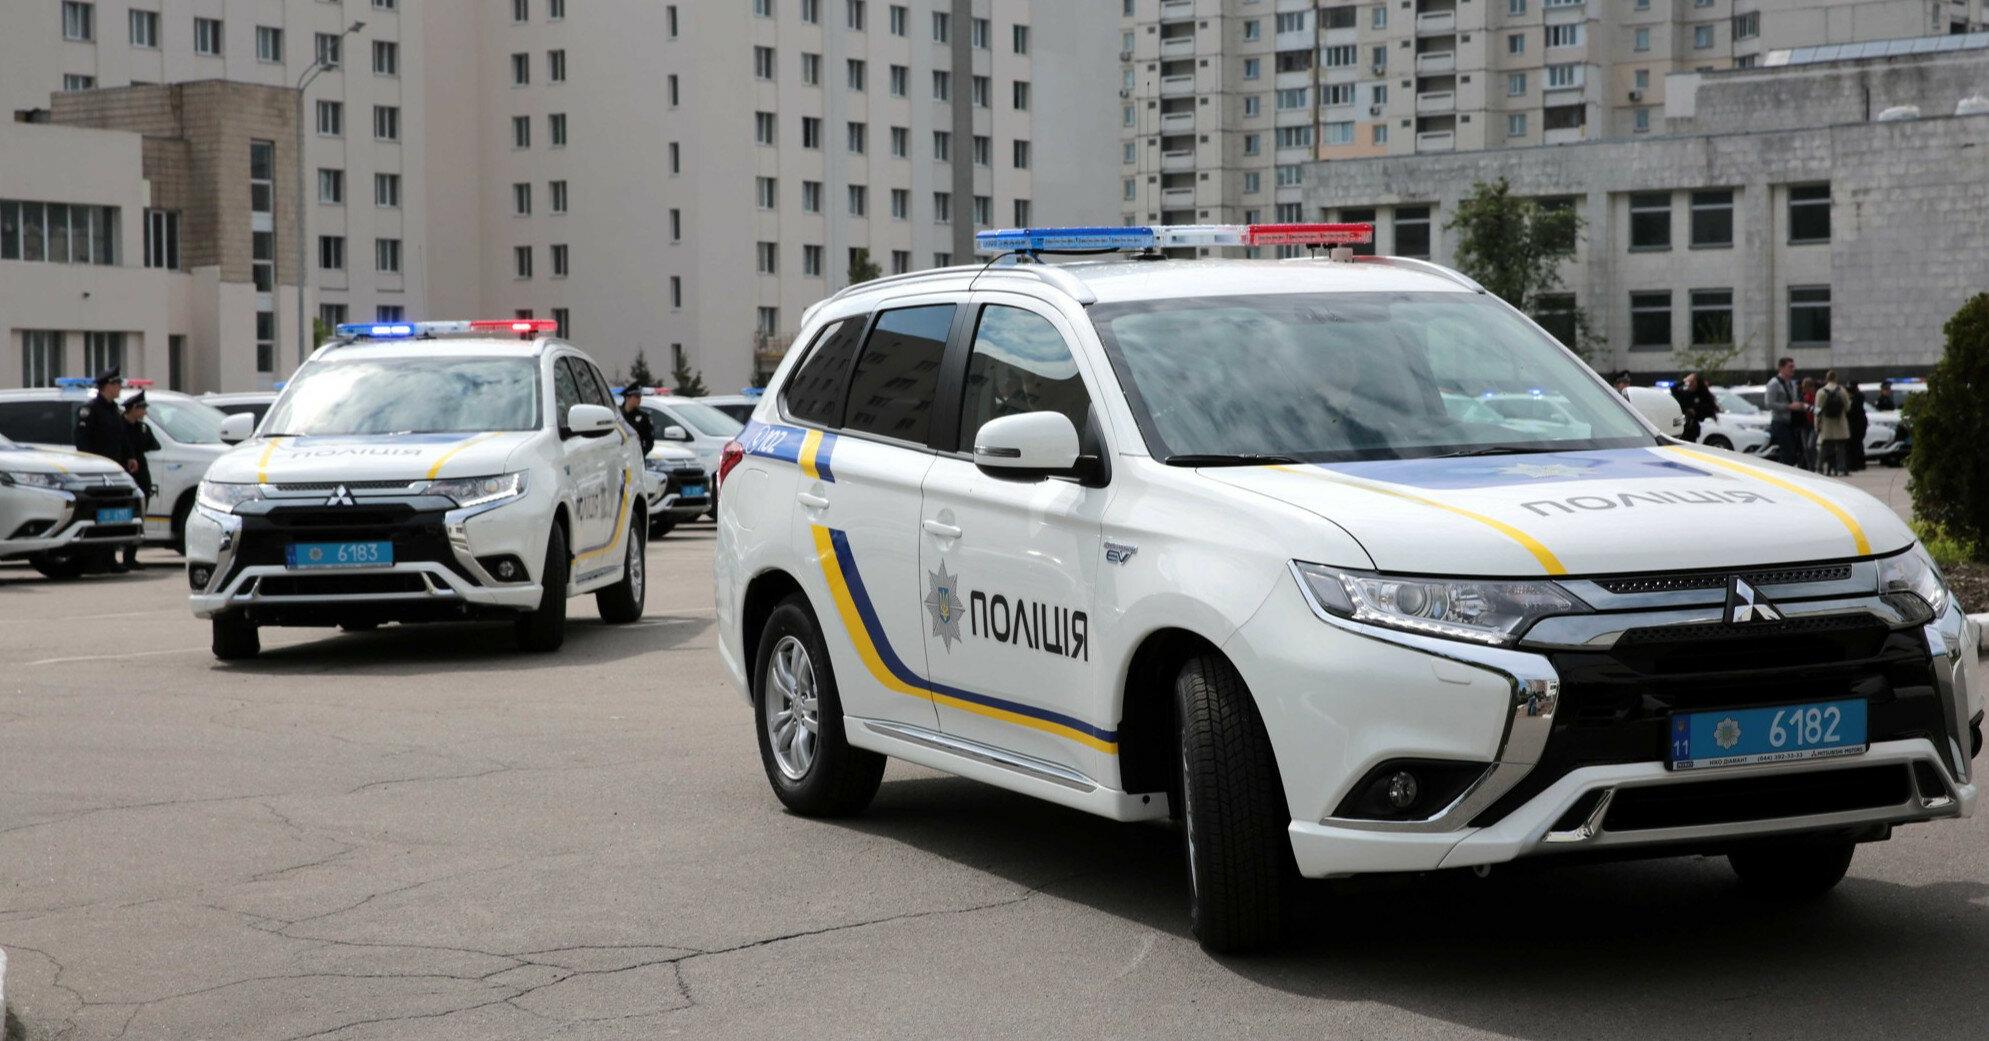 В Киеве задержали опасного преступника, дерзко сбежавшего из суда